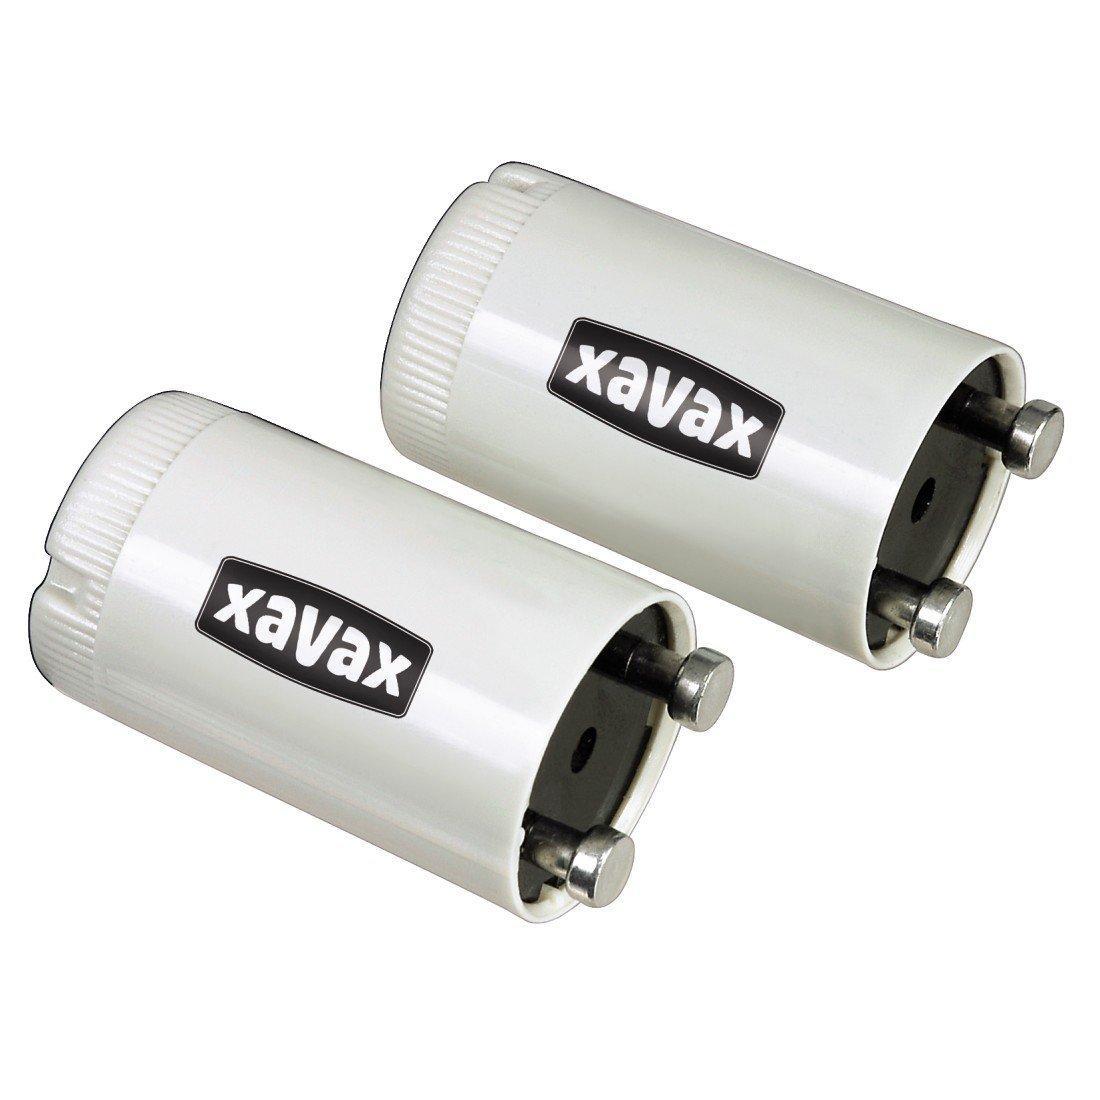 Xavax 2 Leuchtstofflampen-Starter für Leuchtstoffröhren in